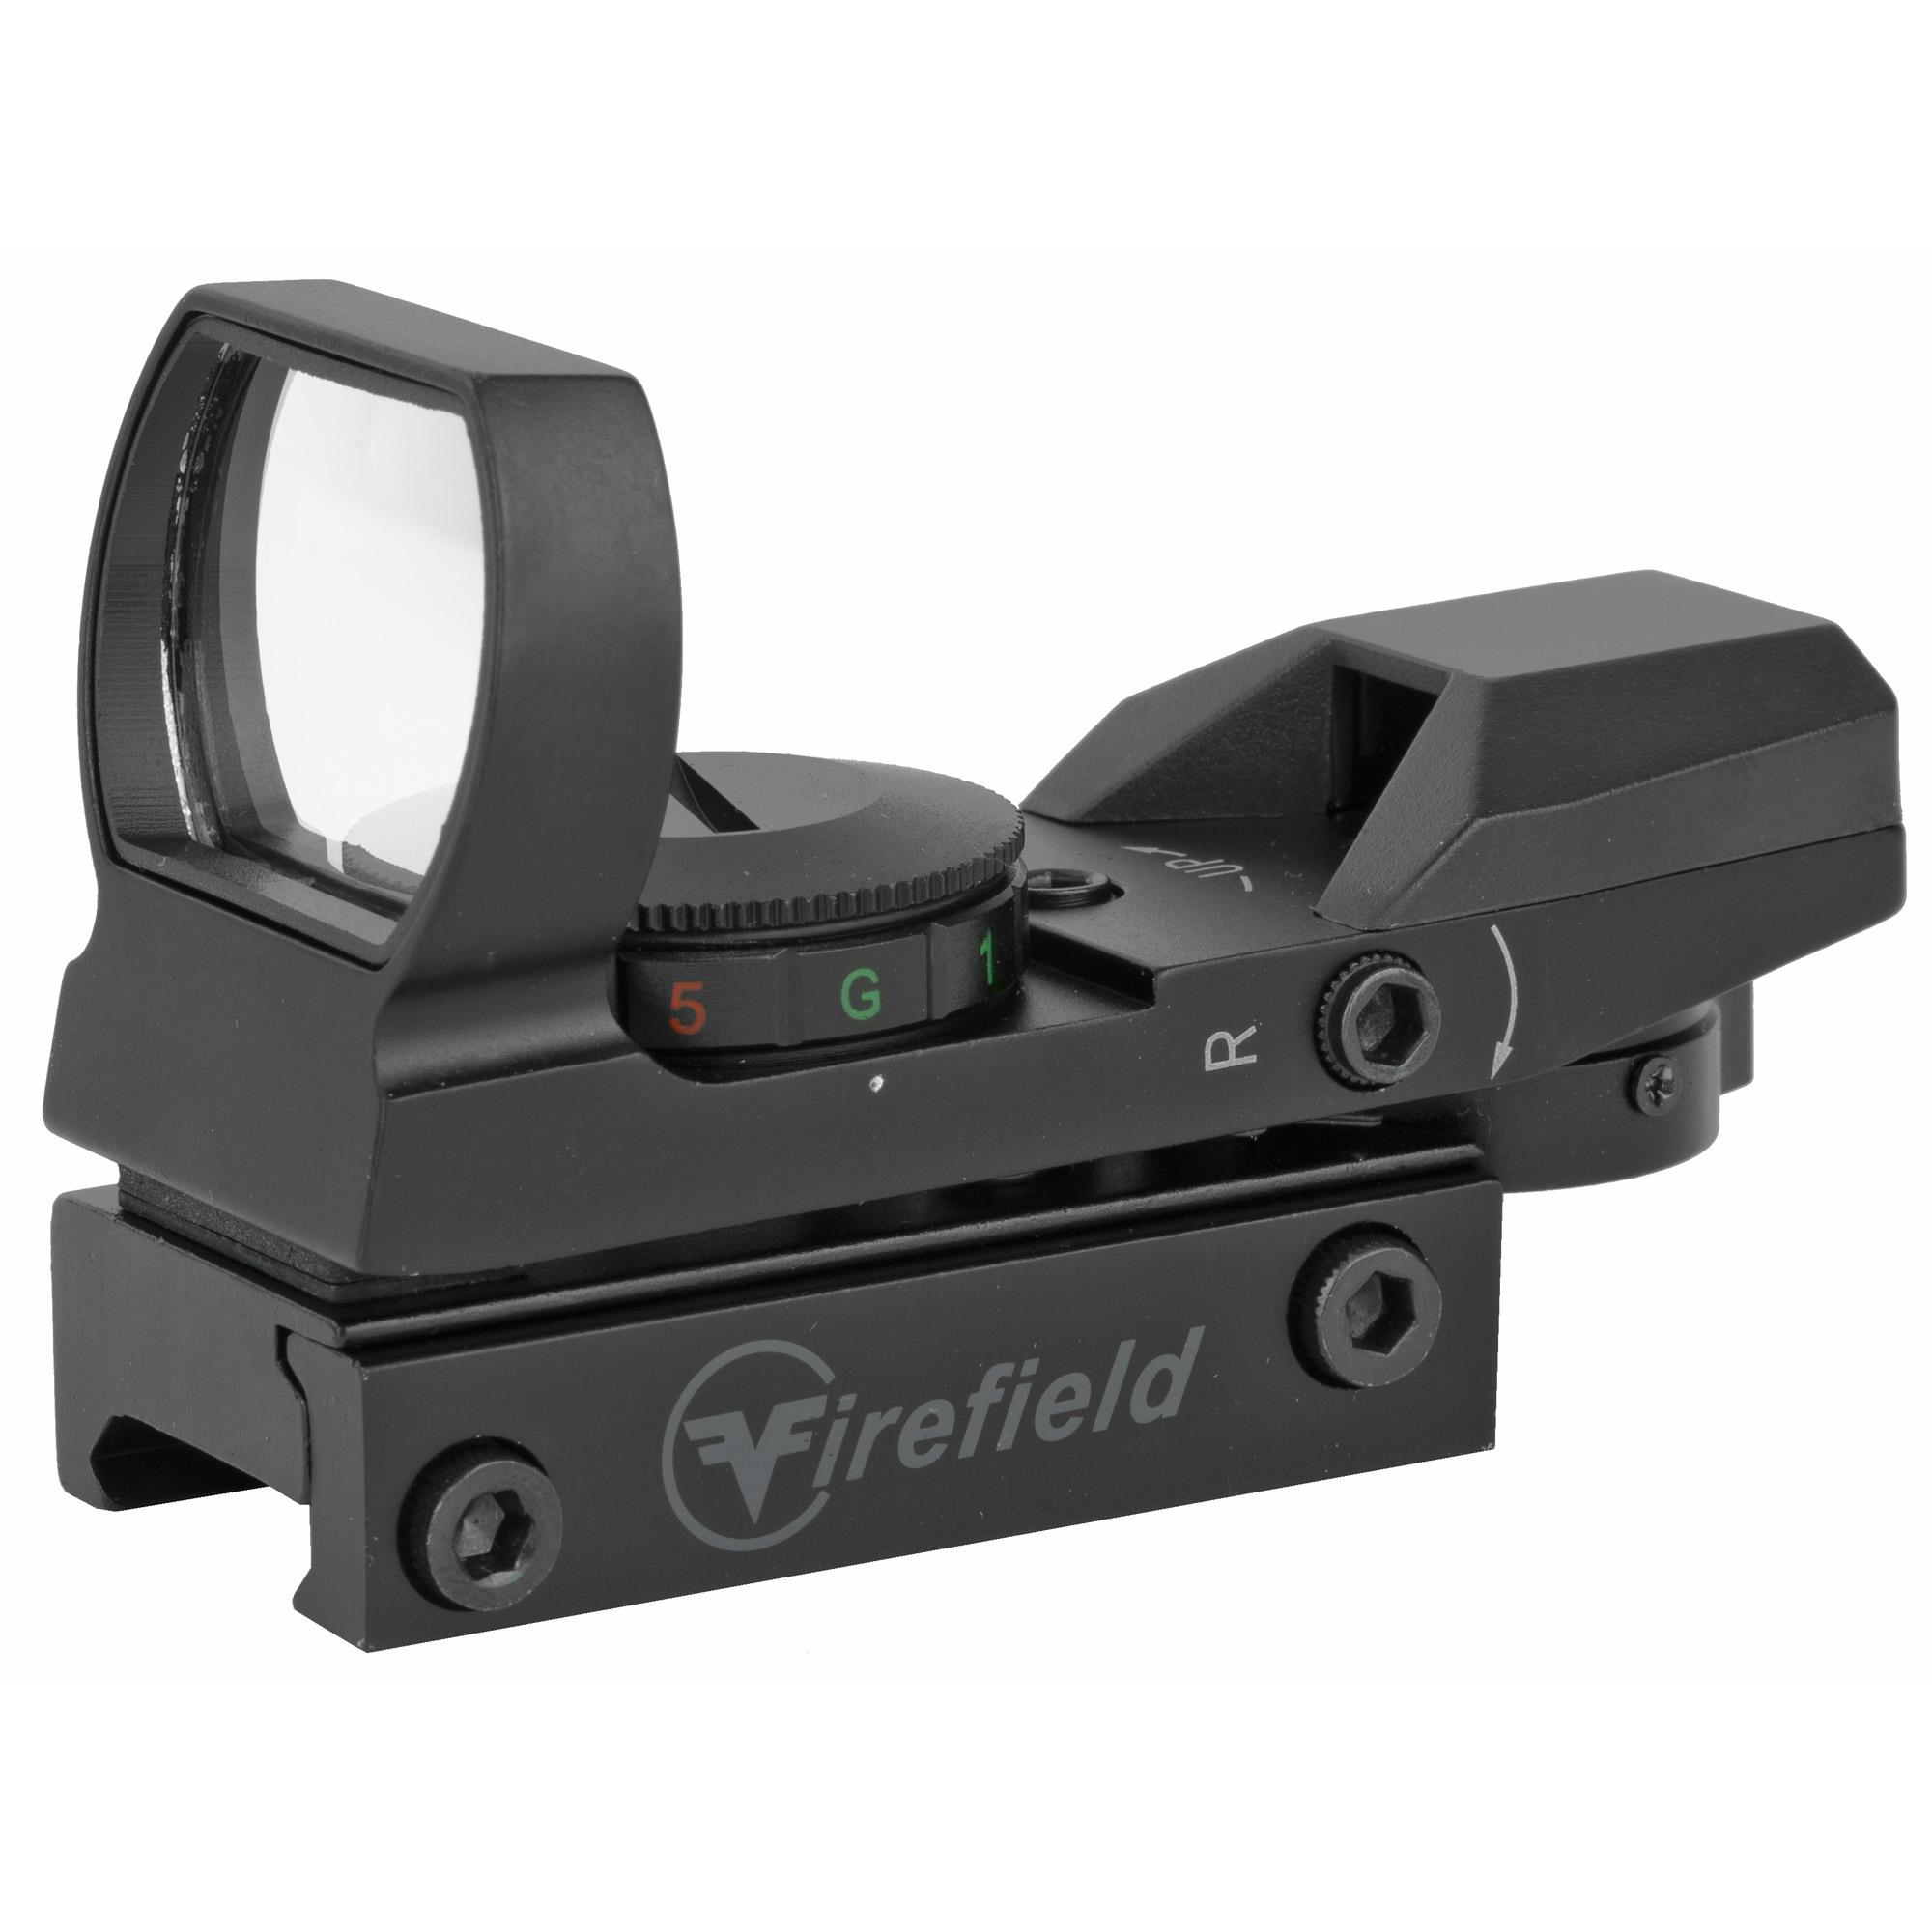 Firefield Multi Reflex Sight